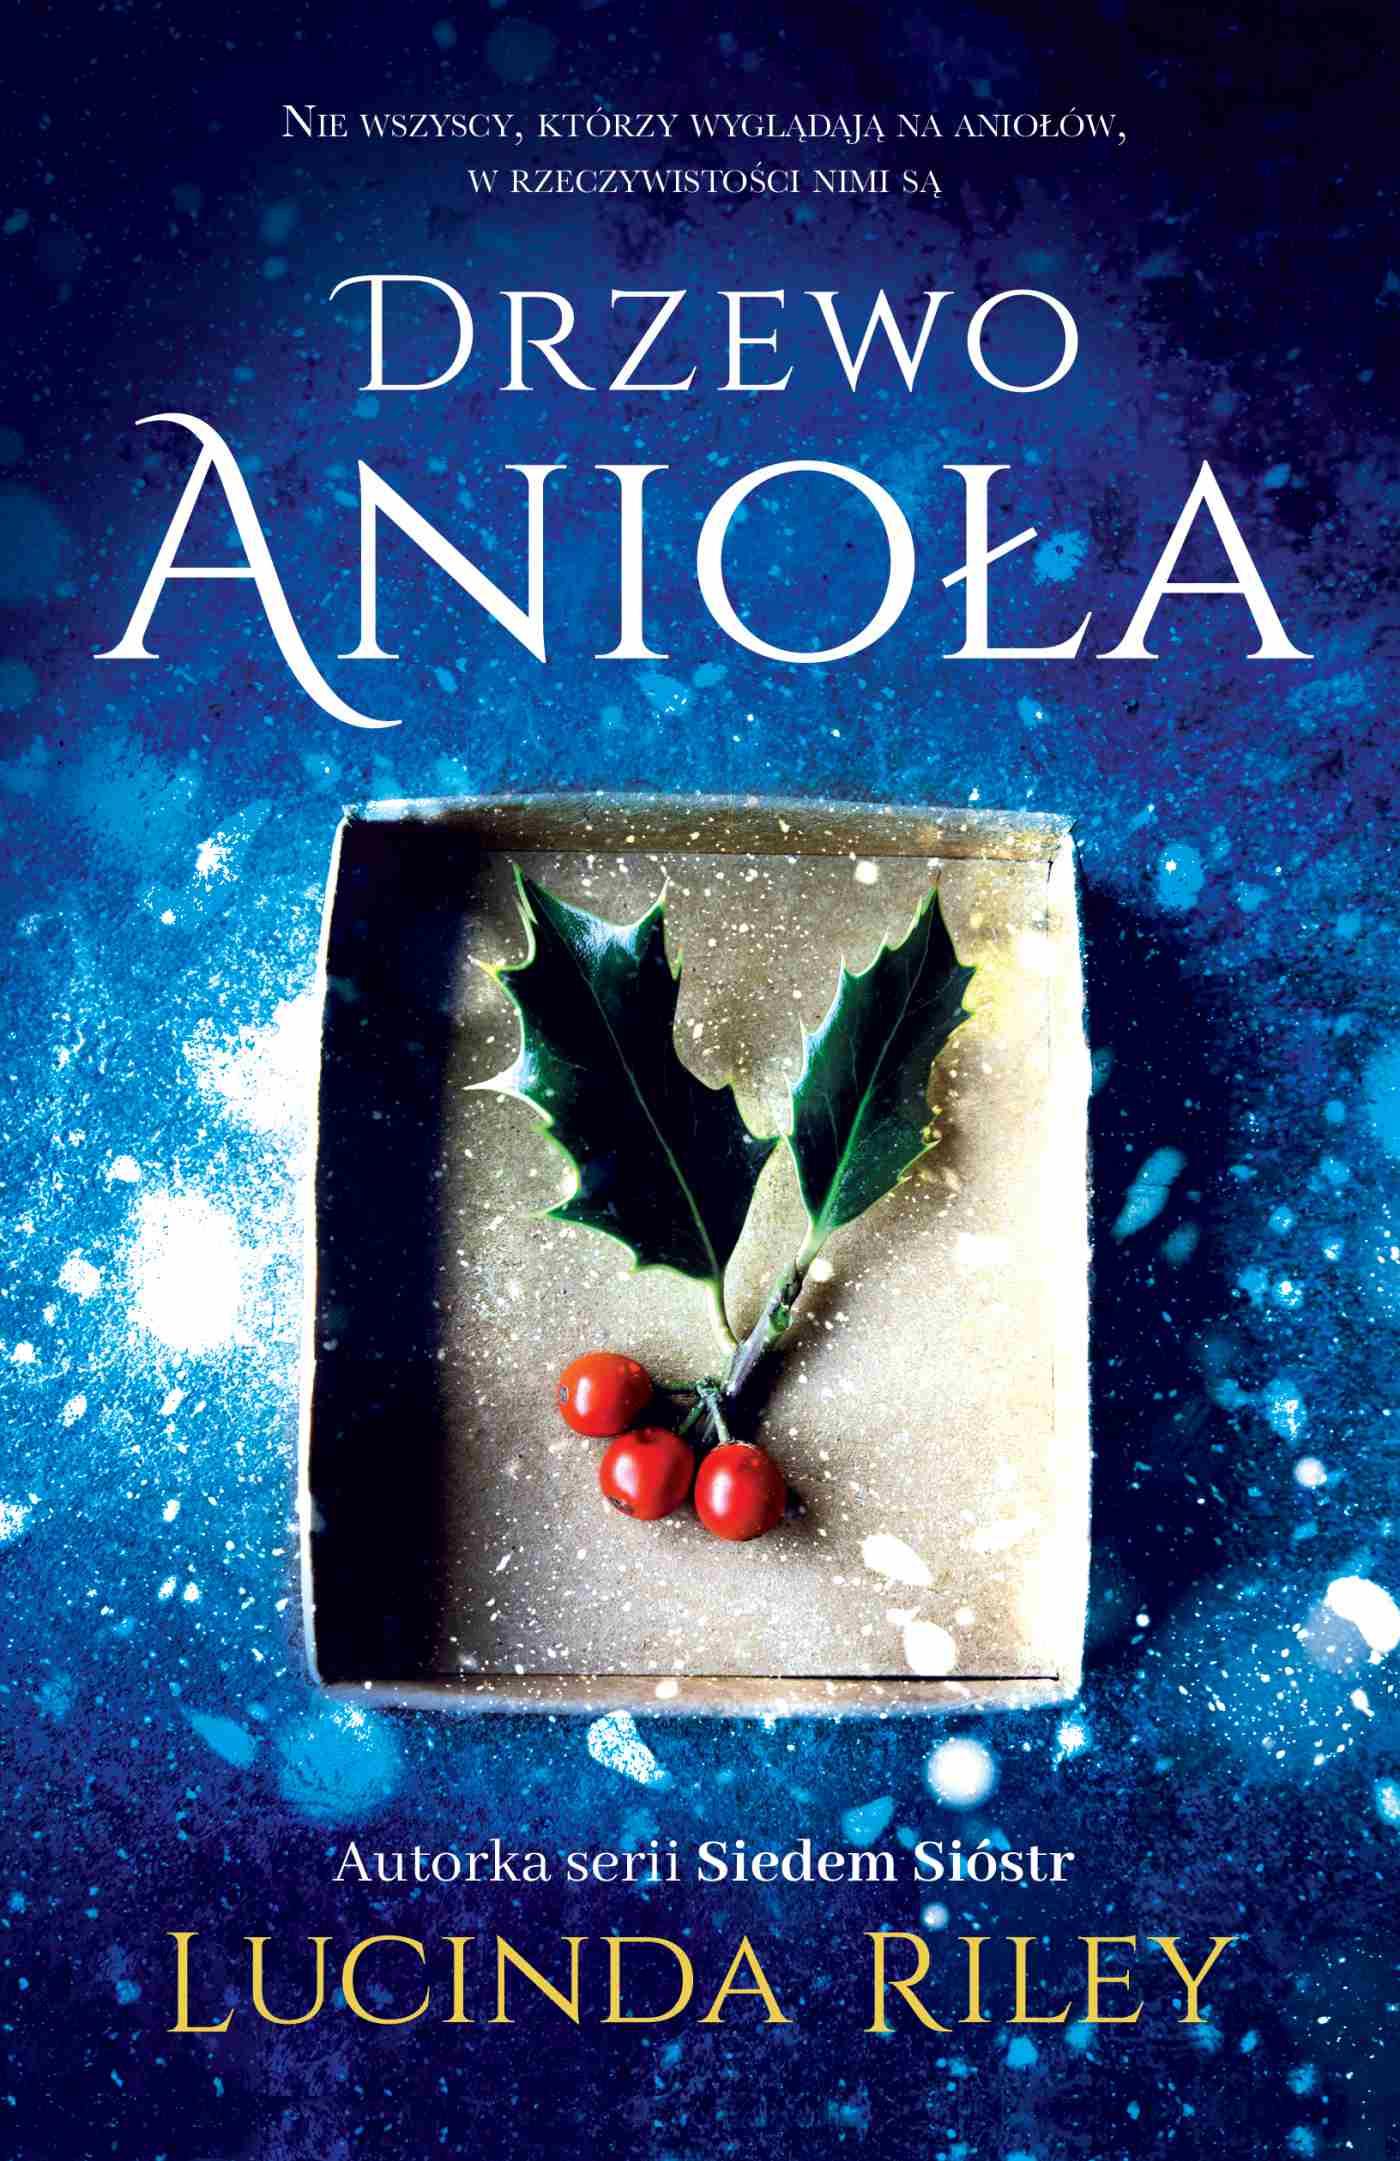 Drzewo Anioła - Ebook (Książka EPUB) do pobrania w formacie EPUB